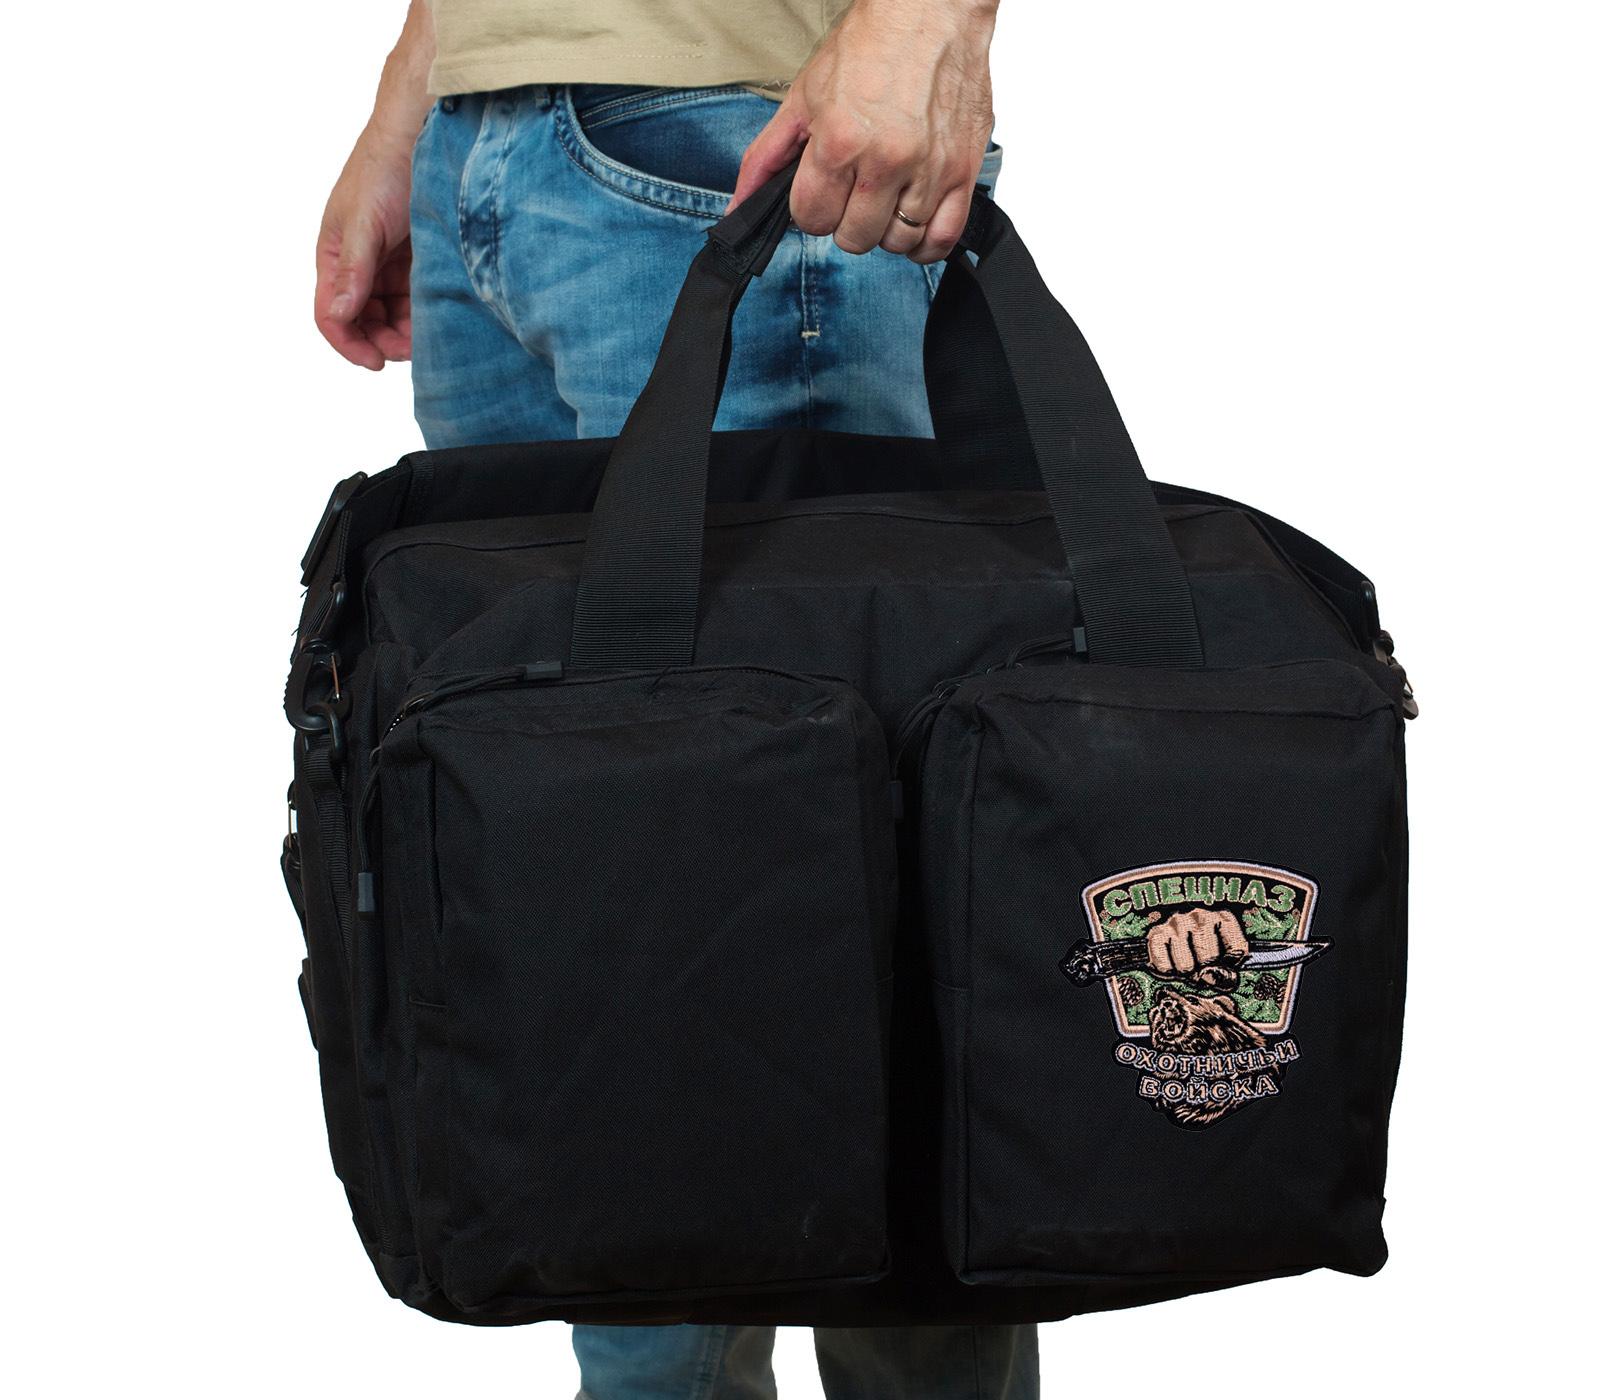 Функциональная черная сумка-рюкзак с нашивкой Охотничьего спецназа купить с доставкой